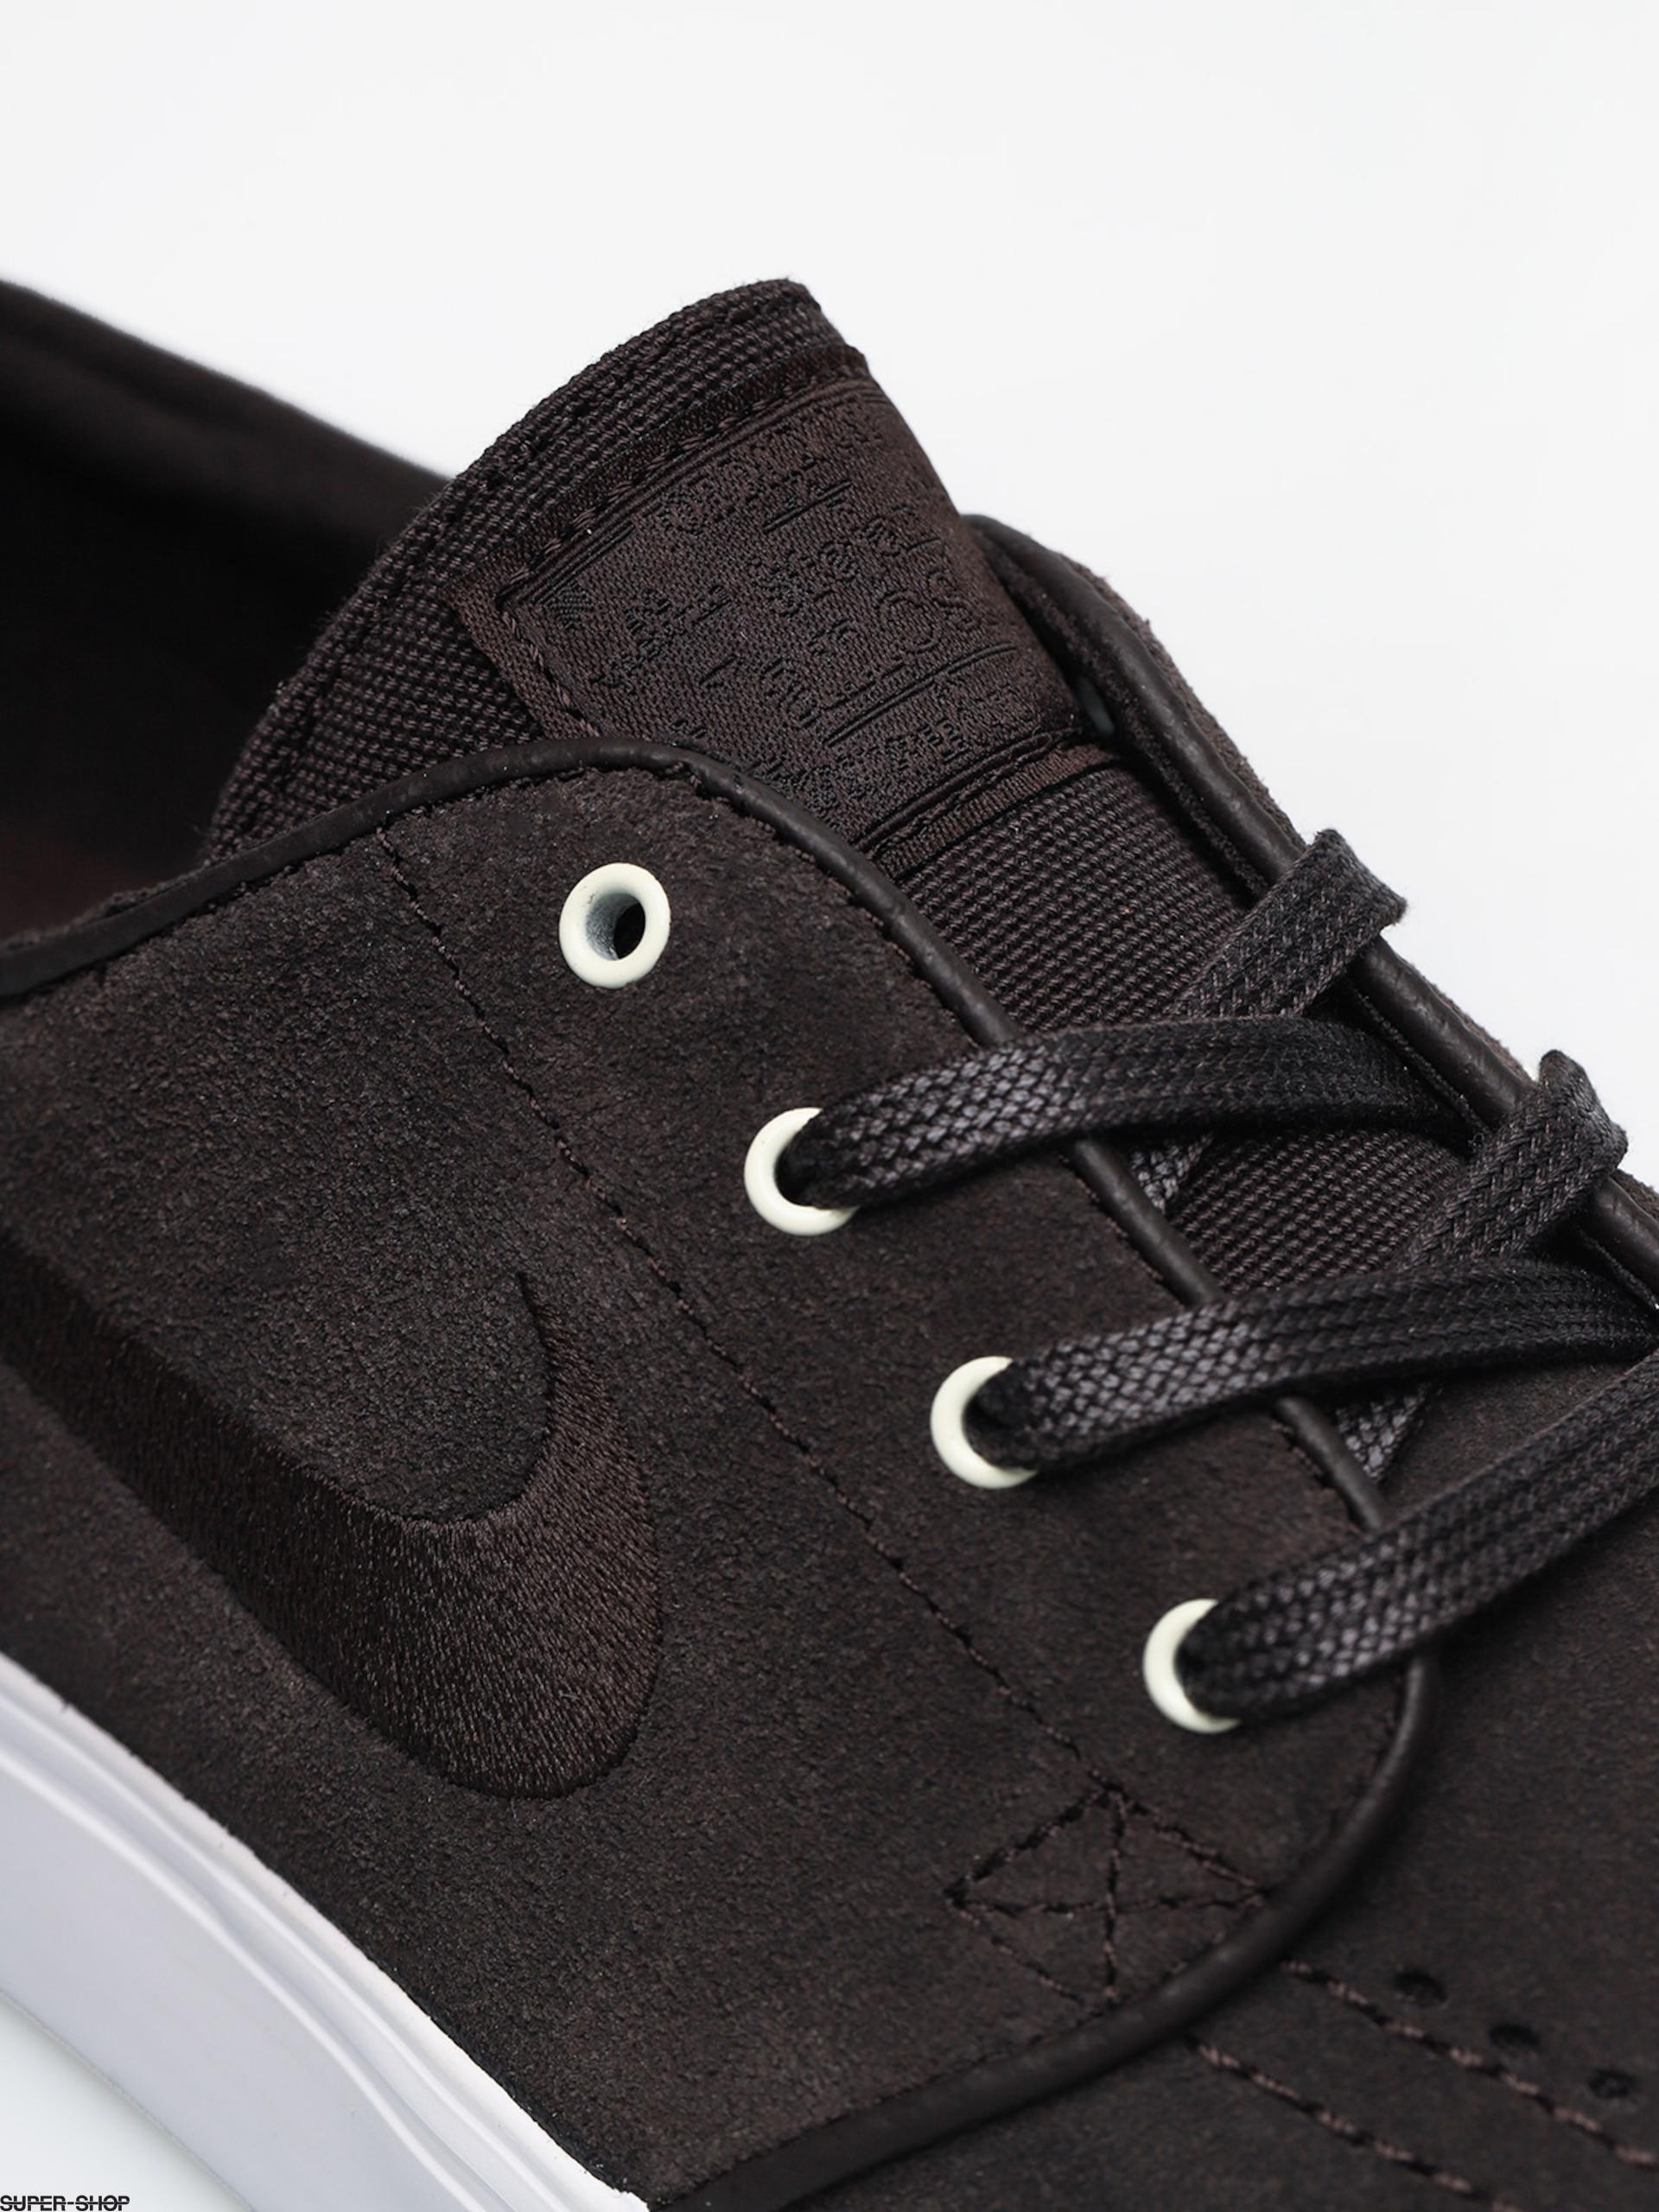 94e2f1bca46baf Nike SB Zoom Stefan Janoski Shoes (velvet brown velvet brown white)